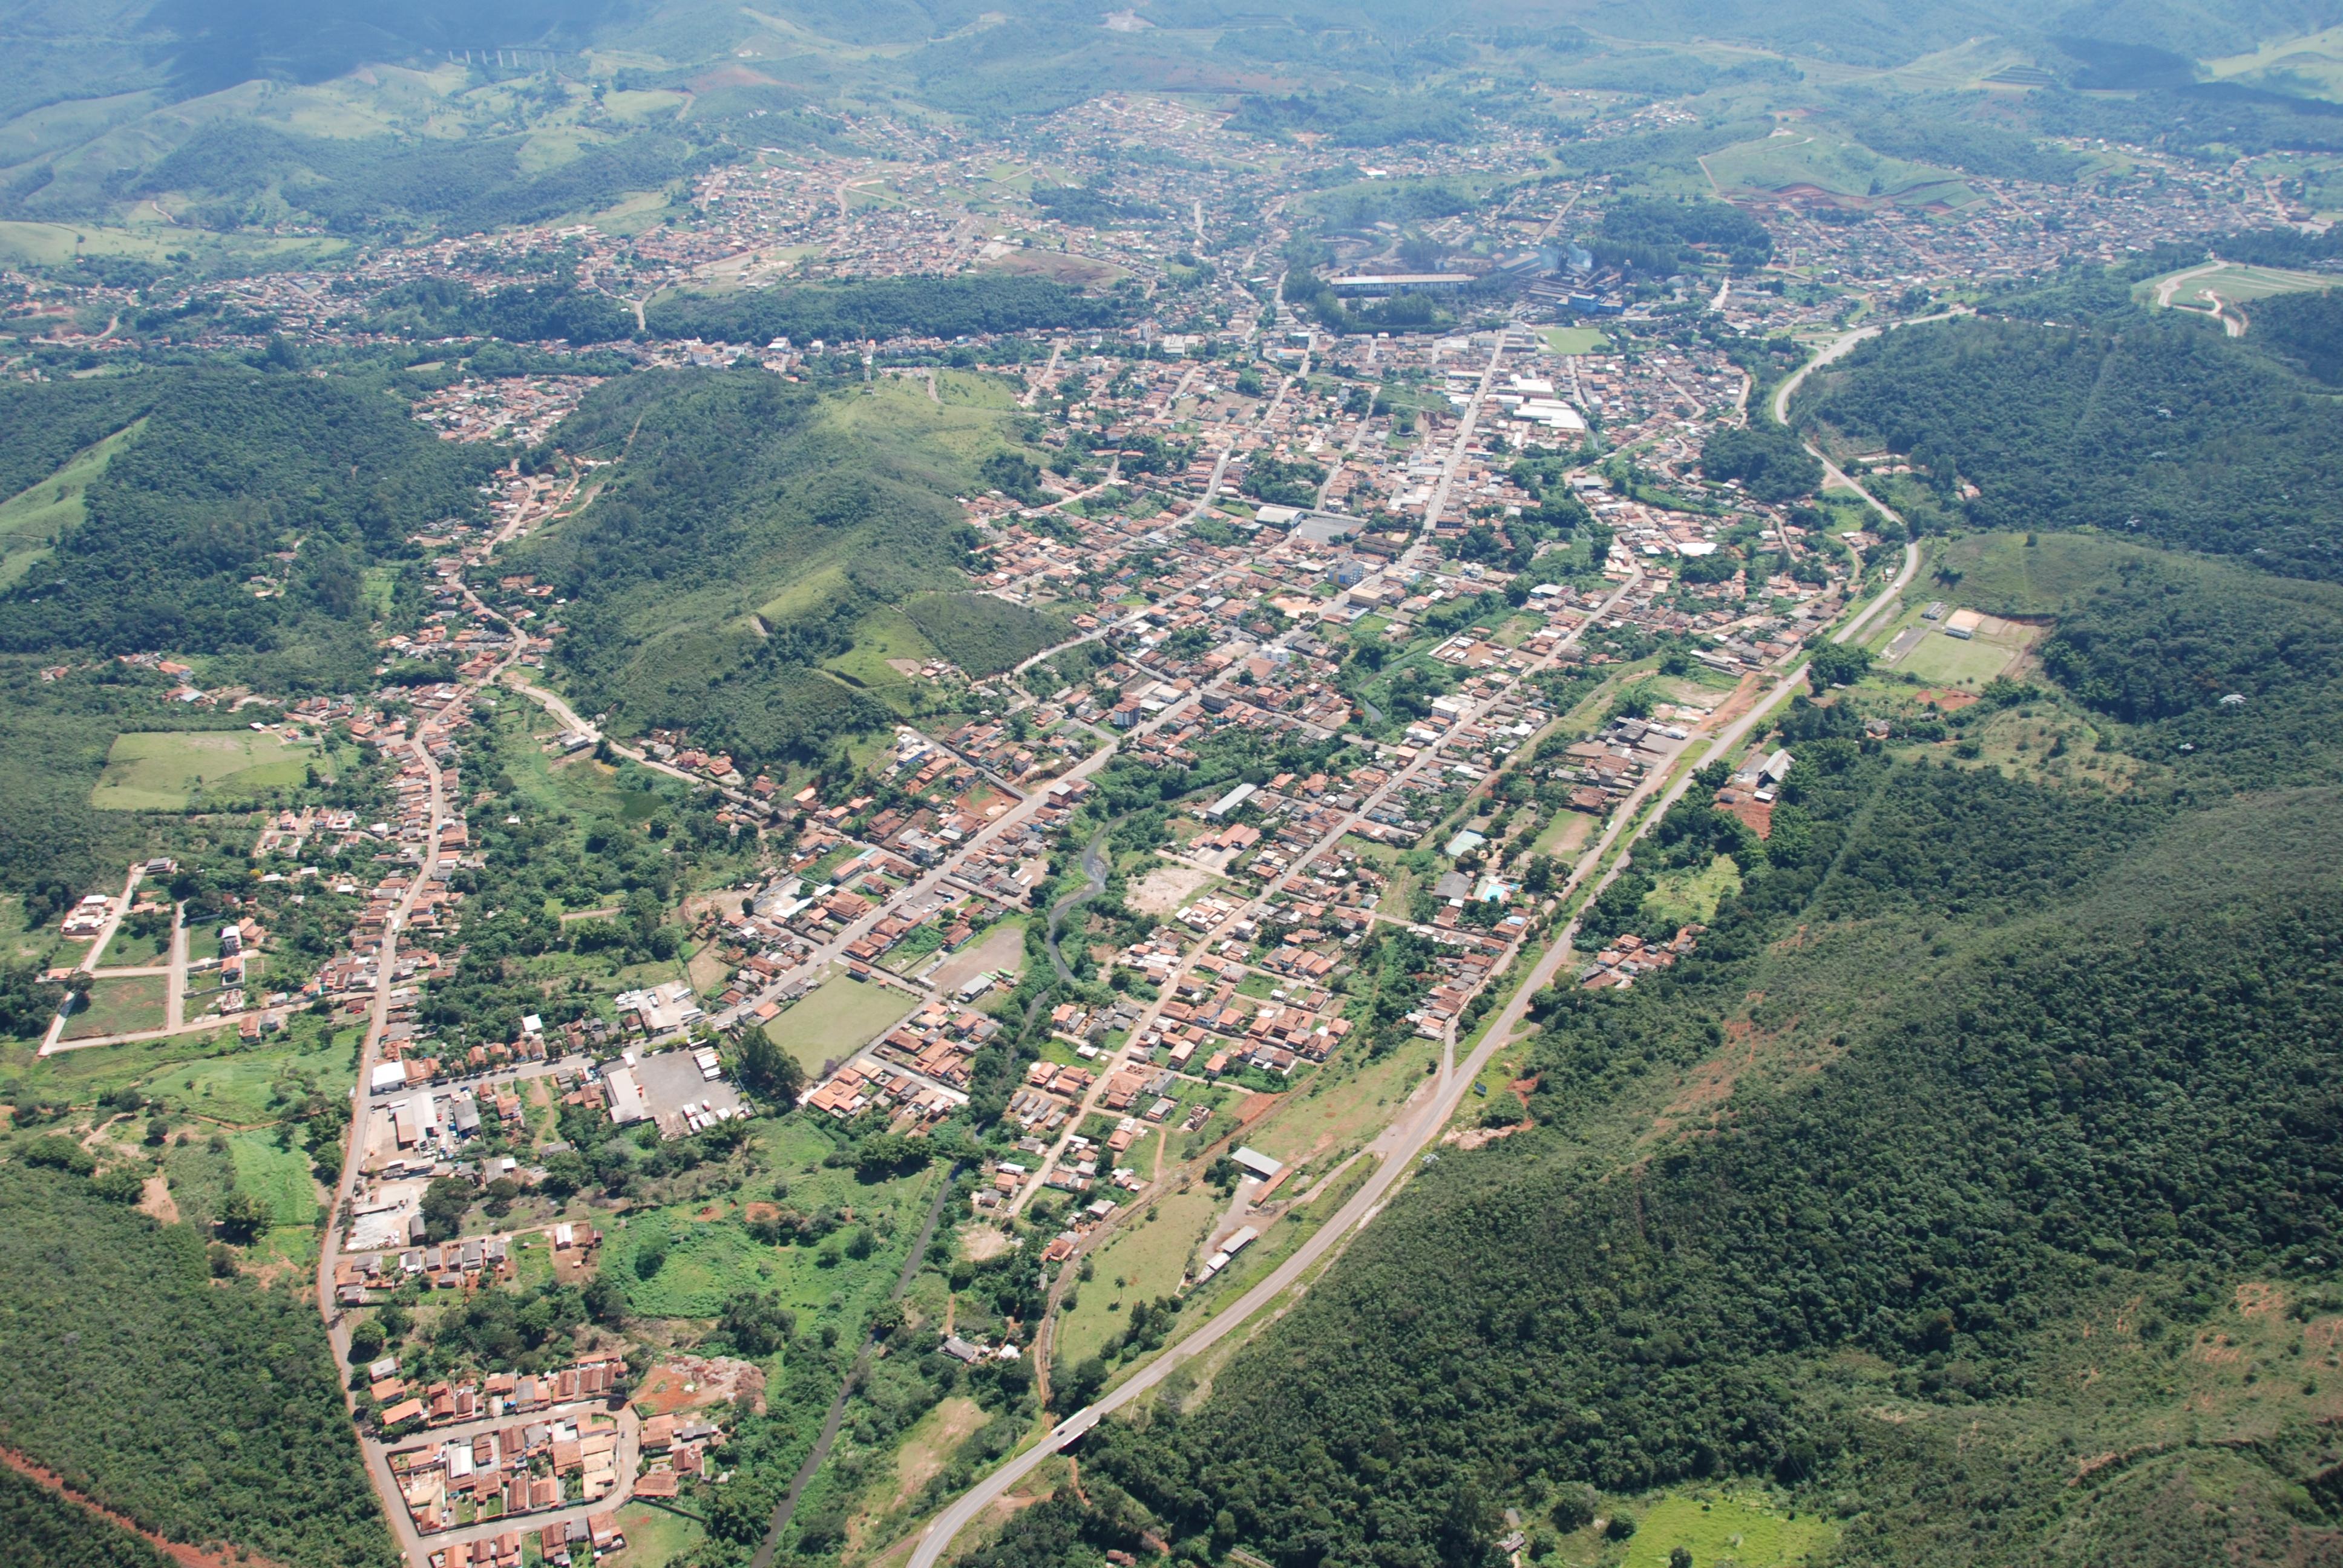 Barão de Cocais Minas Gerais fonte: upload.wikimedia.org